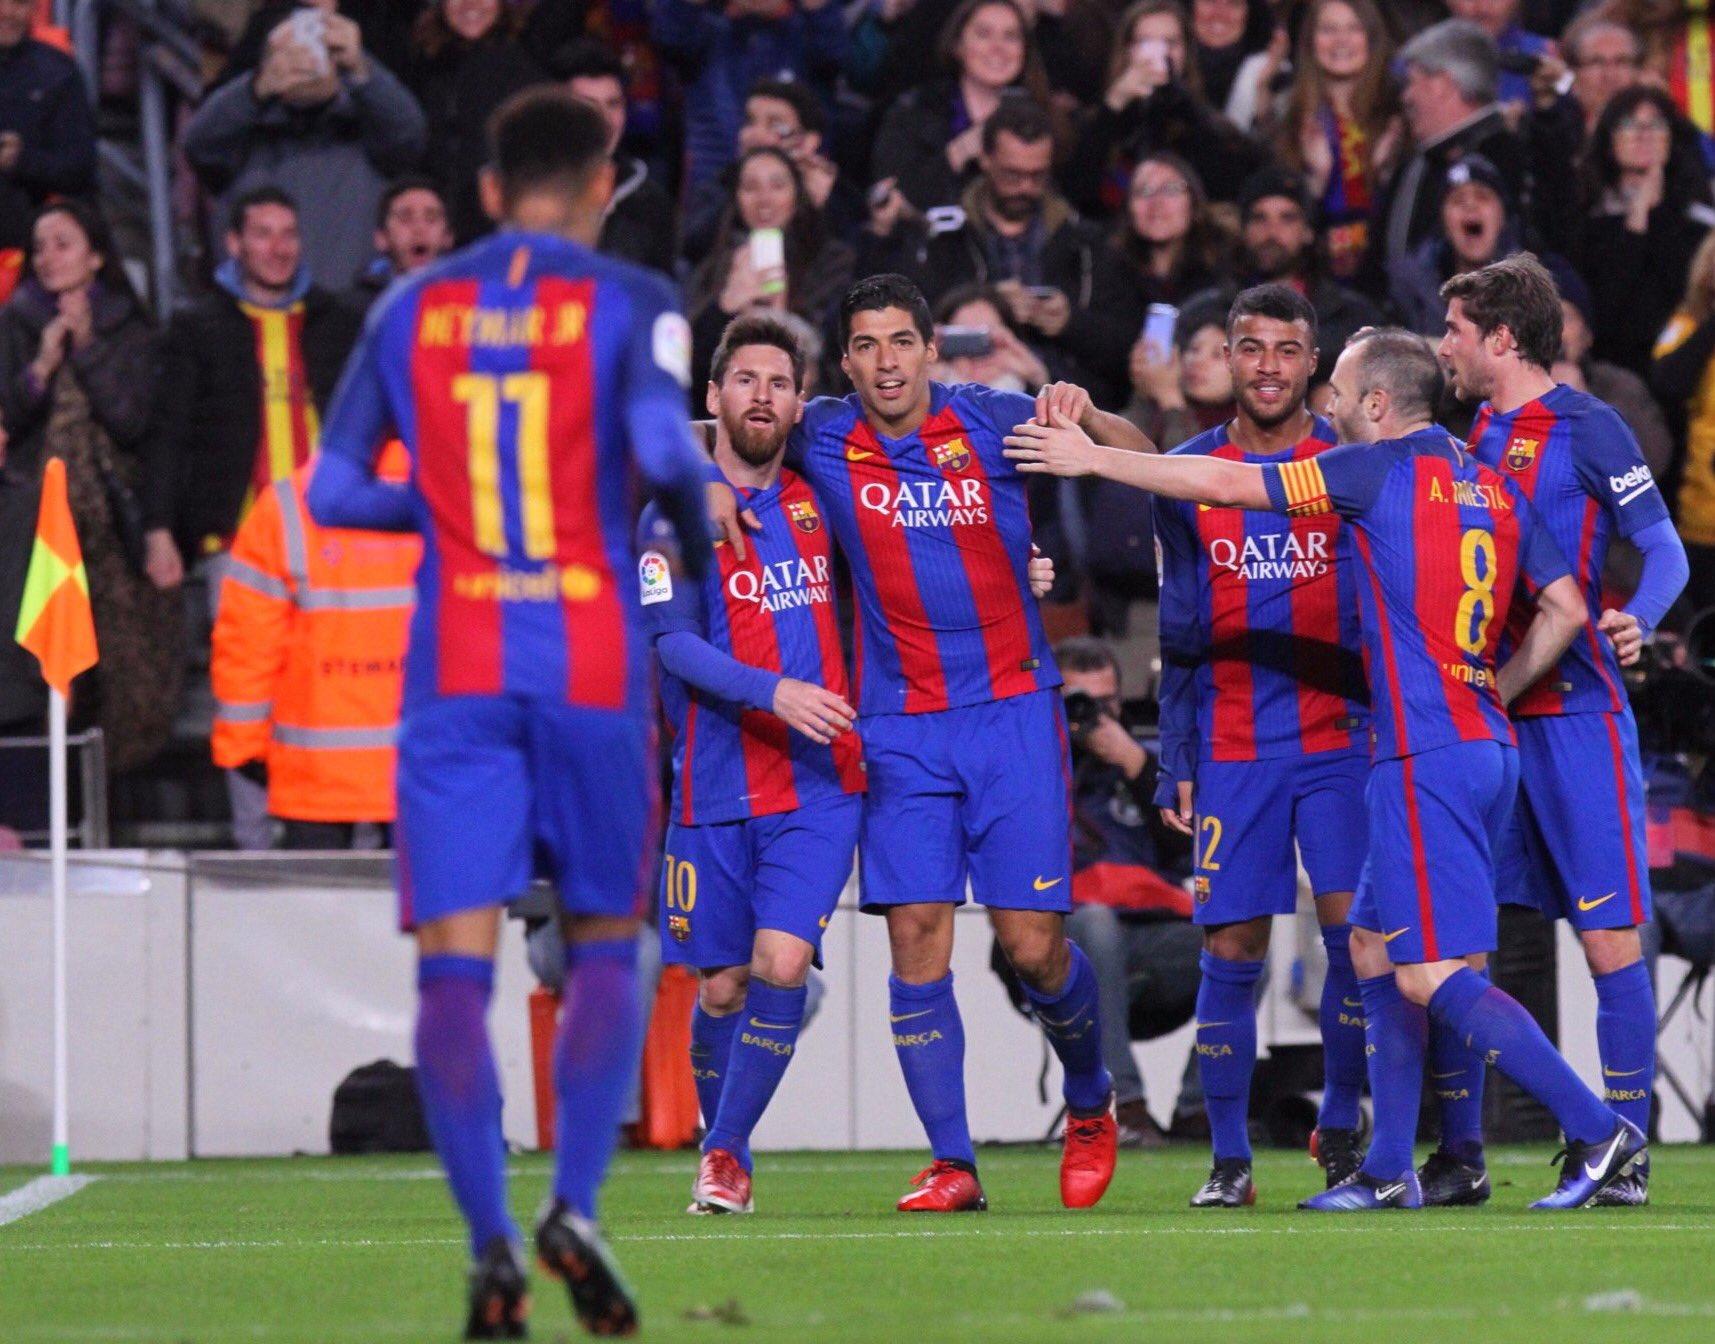 Grande equipo! Contento por la victoria y por darle la vuelta a la eliminatoria! Feliz por llegar a los 100 goles y que vengan muchos más! https://t.co/HpHrTOHrWJ